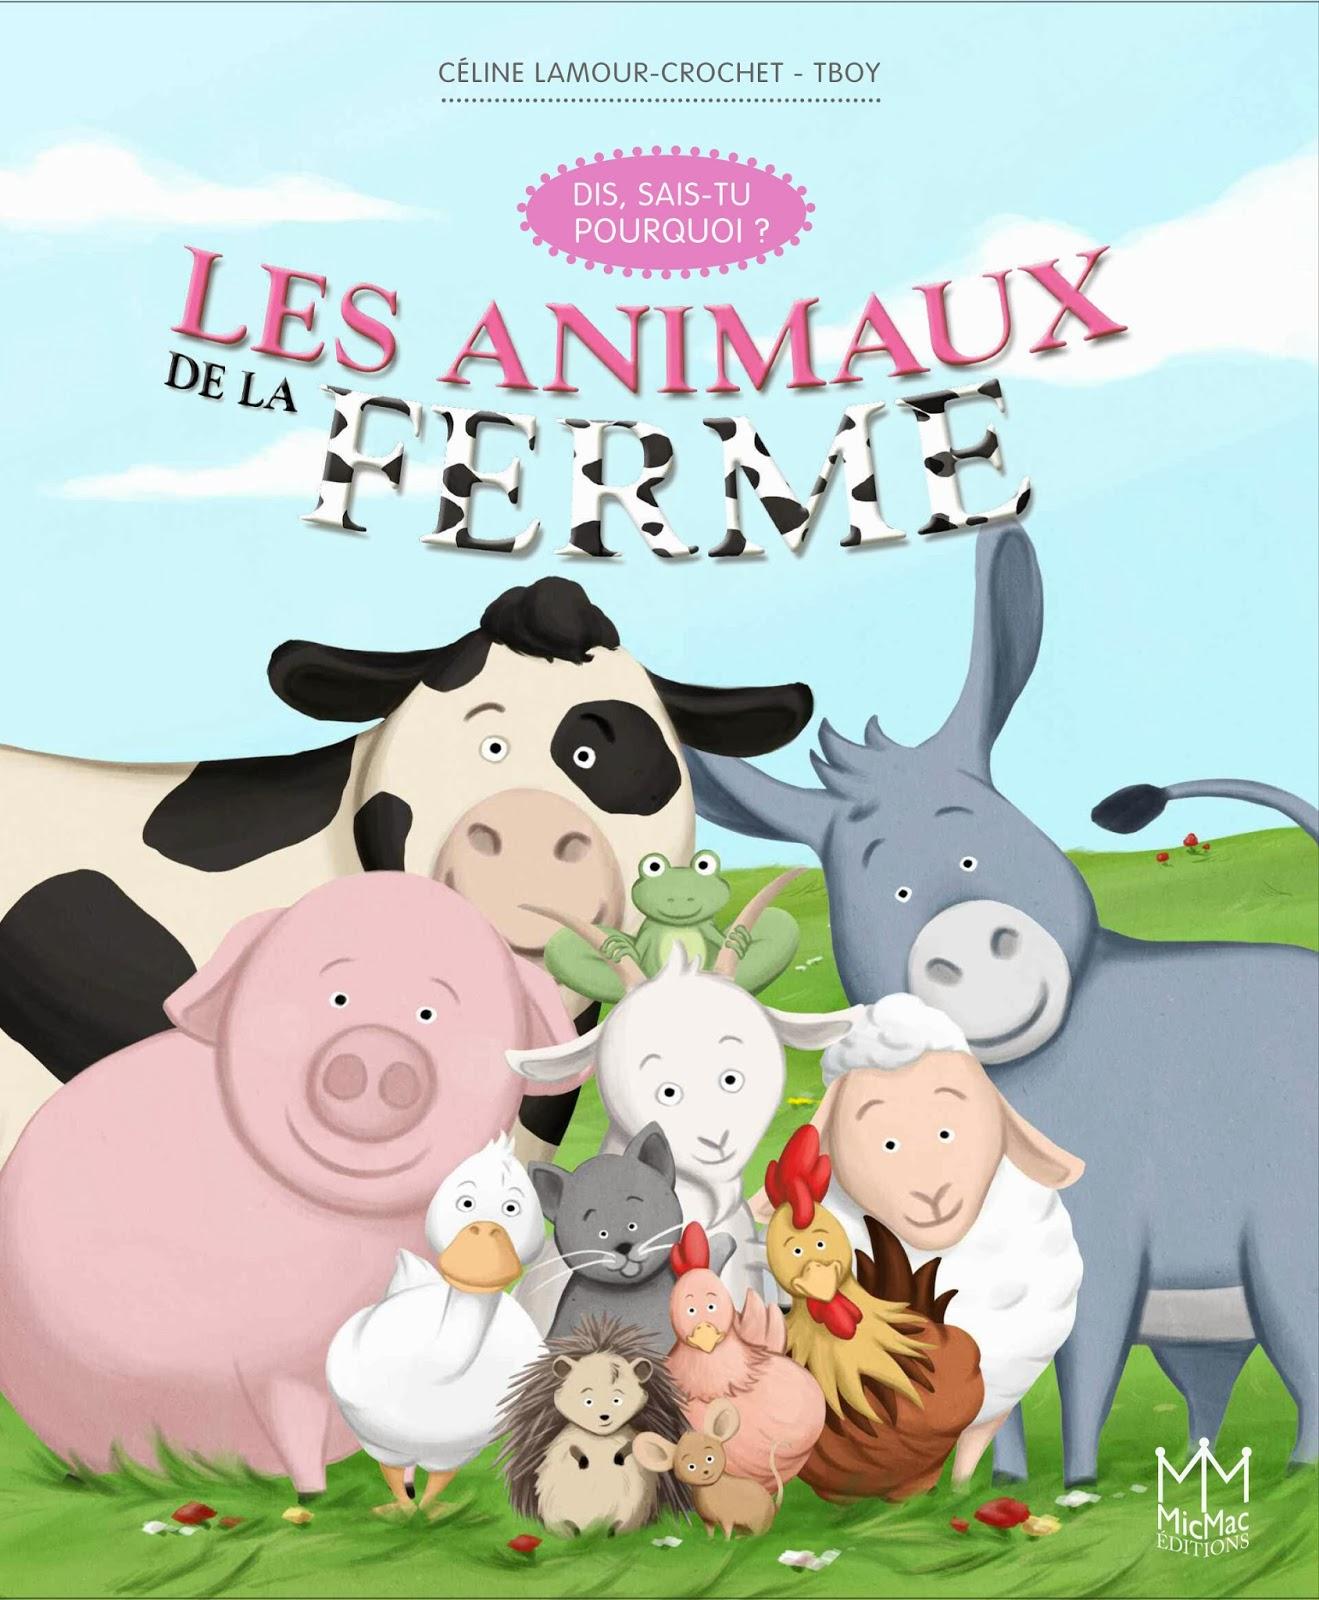 http://www.amazon.fr/animaux-ferme-Dis-sais-tu-pourquoi/dp/2362212645/ref=sr_1_9?s=books&ie=UTF8&qid=1389861540&sr=1-9&keywords=c%C3%A9line+lamour-crochet